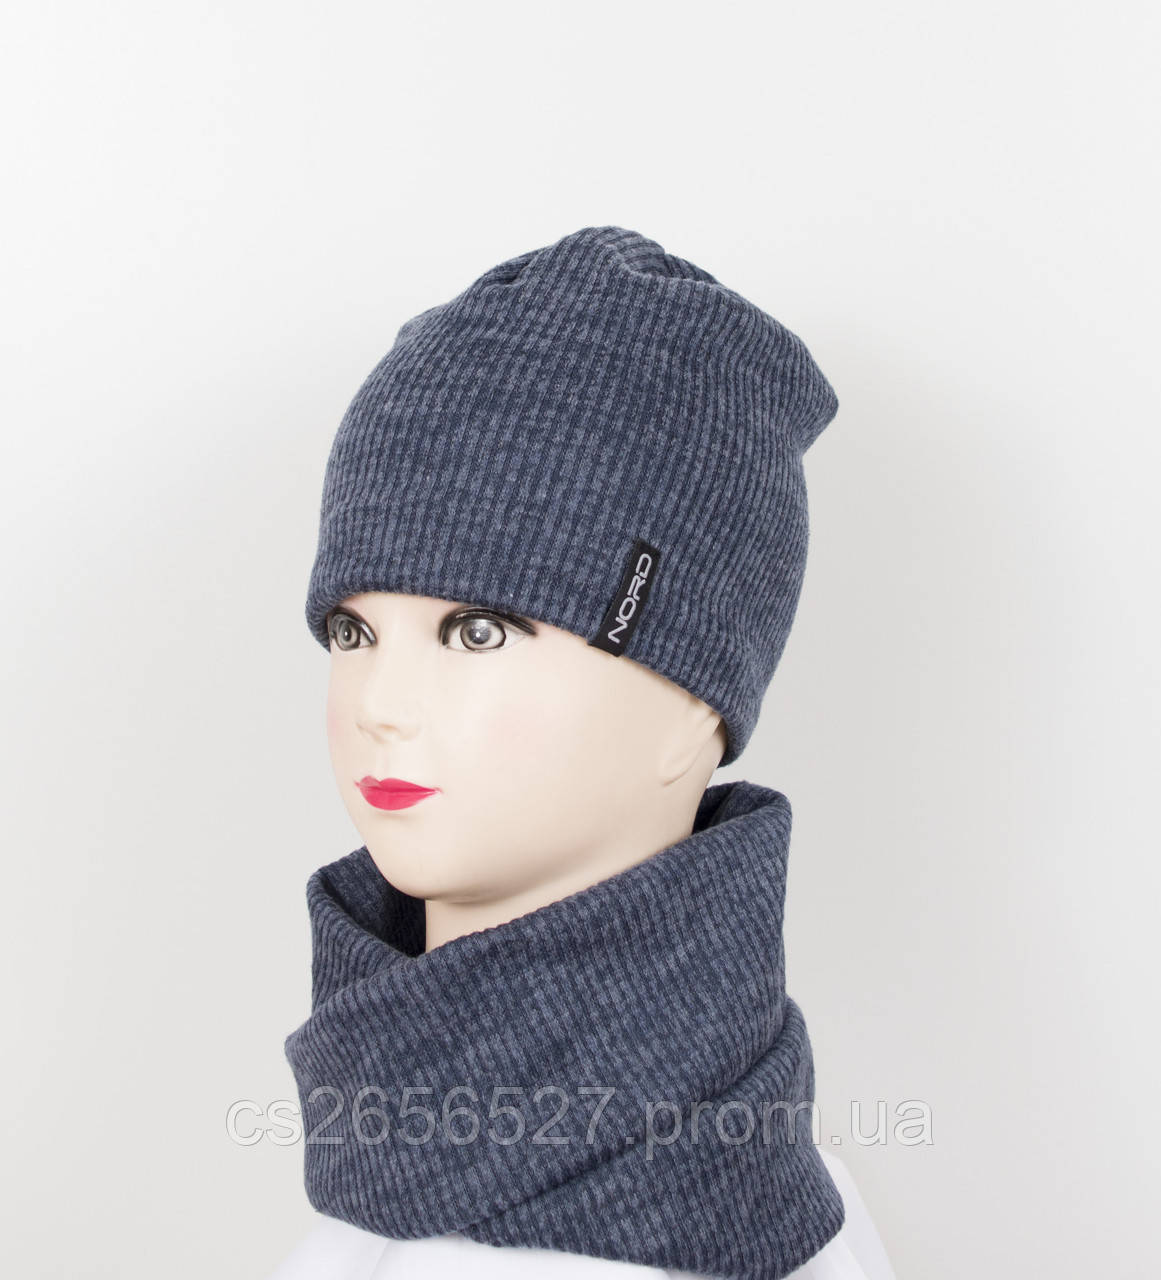 Детская,подростковая шапка +хомут для мальчика